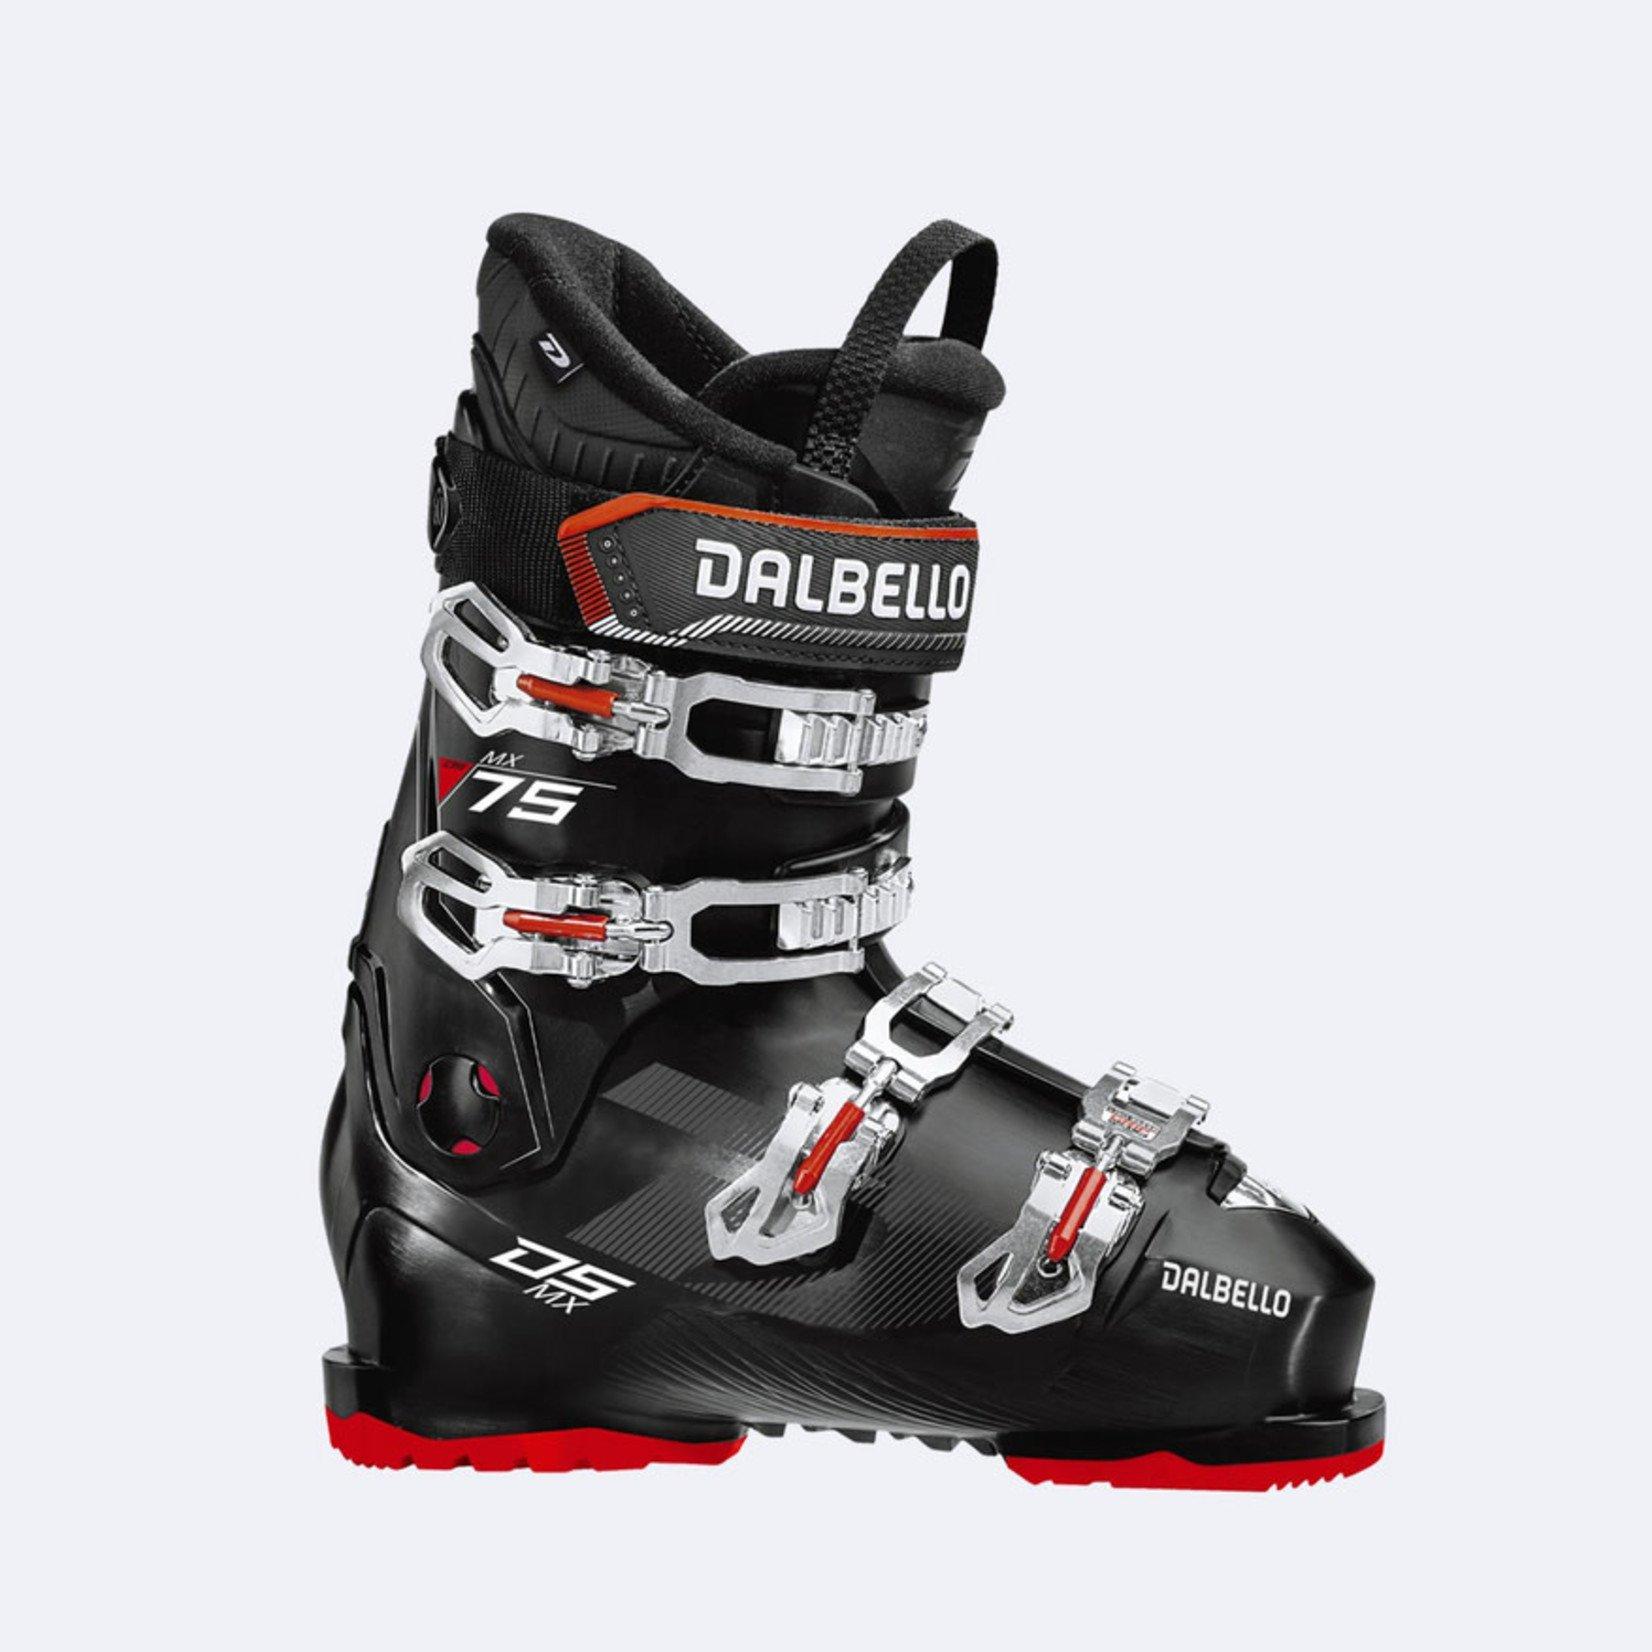 Dalbello Bottes Ski Alpin Dalbello DS MX 75 MS